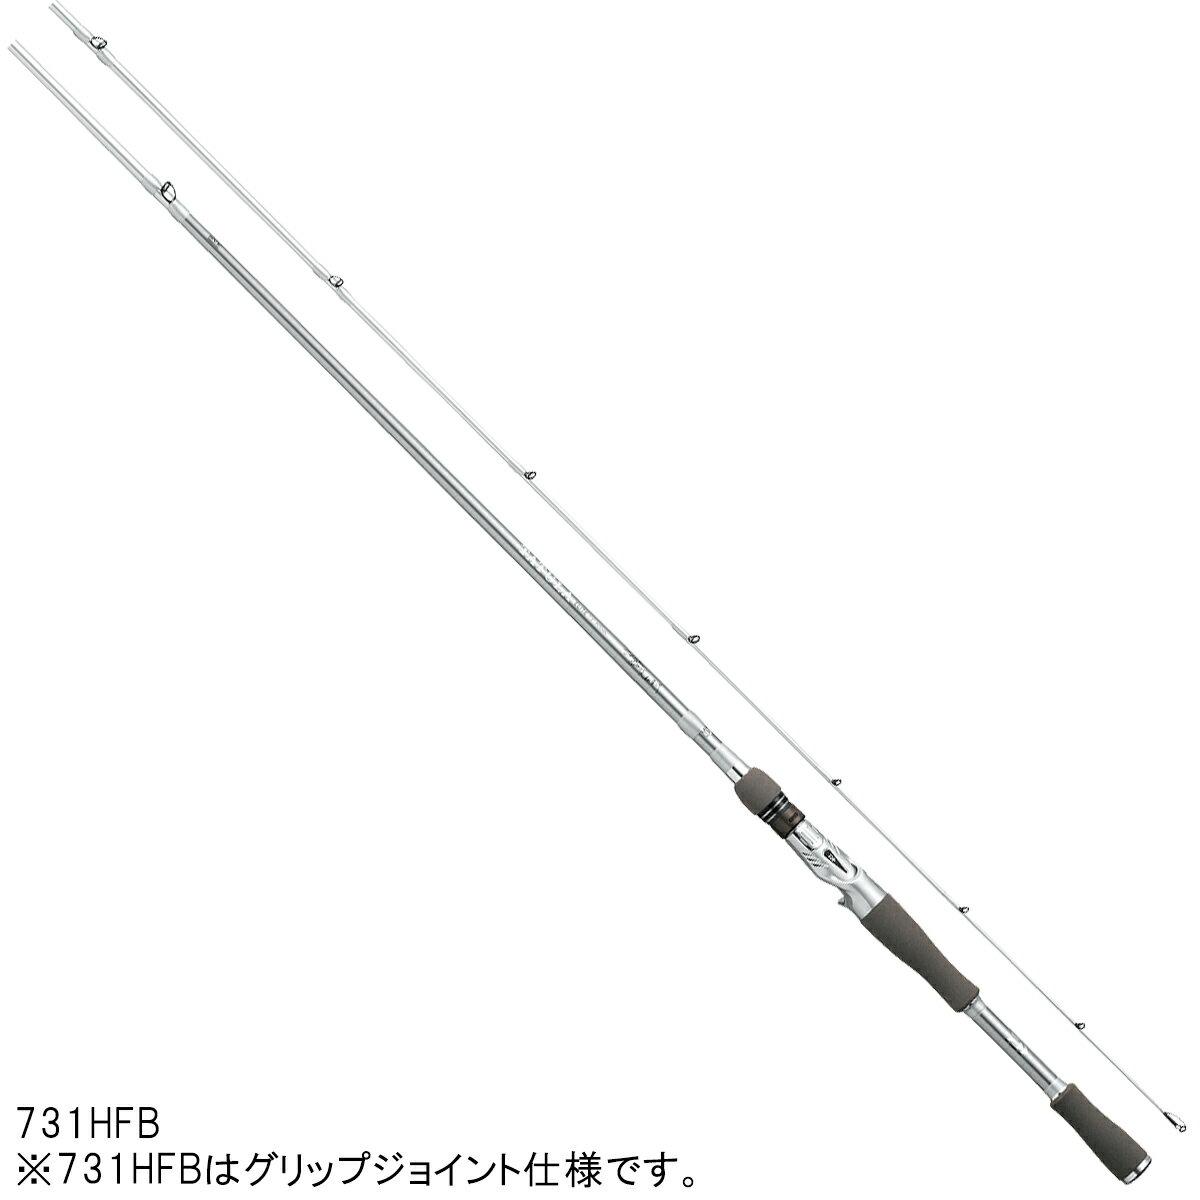 ダイワ タトゥーラ エリート 731HFB【大型商品】【送料無料】